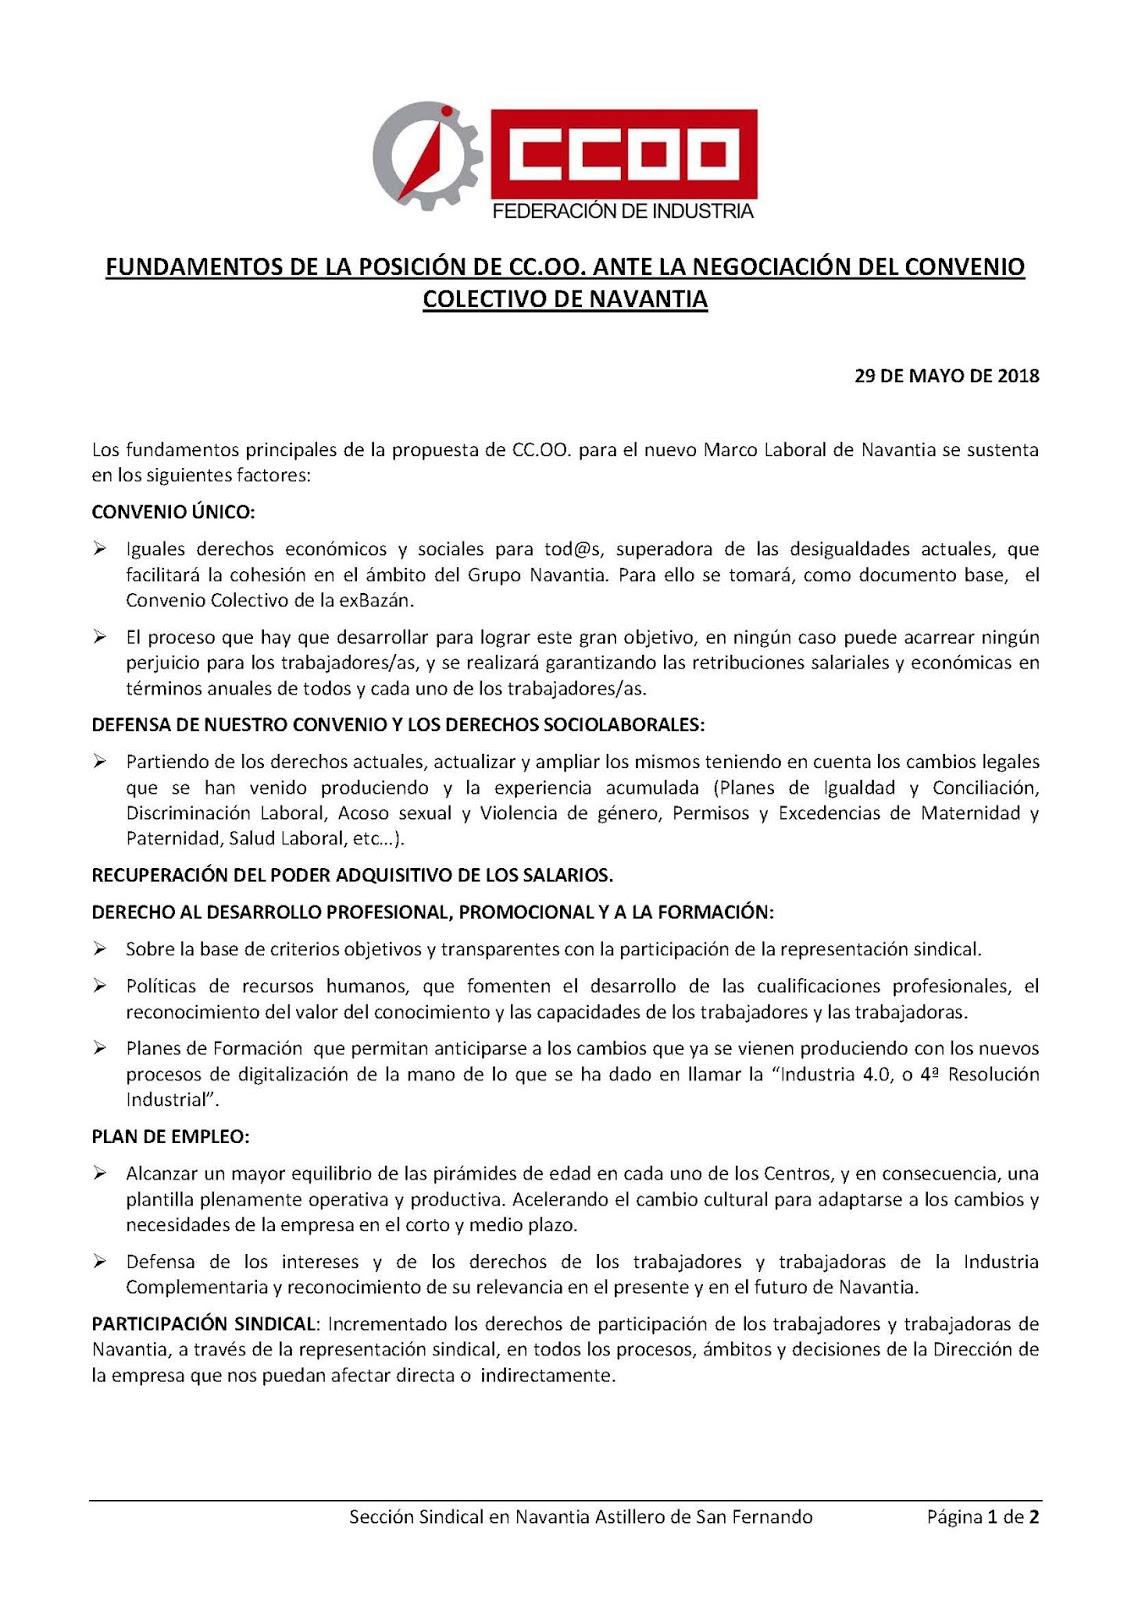 Ccoo navantia san fernando i convenio nico de navantia for Fuera de convenio 2018